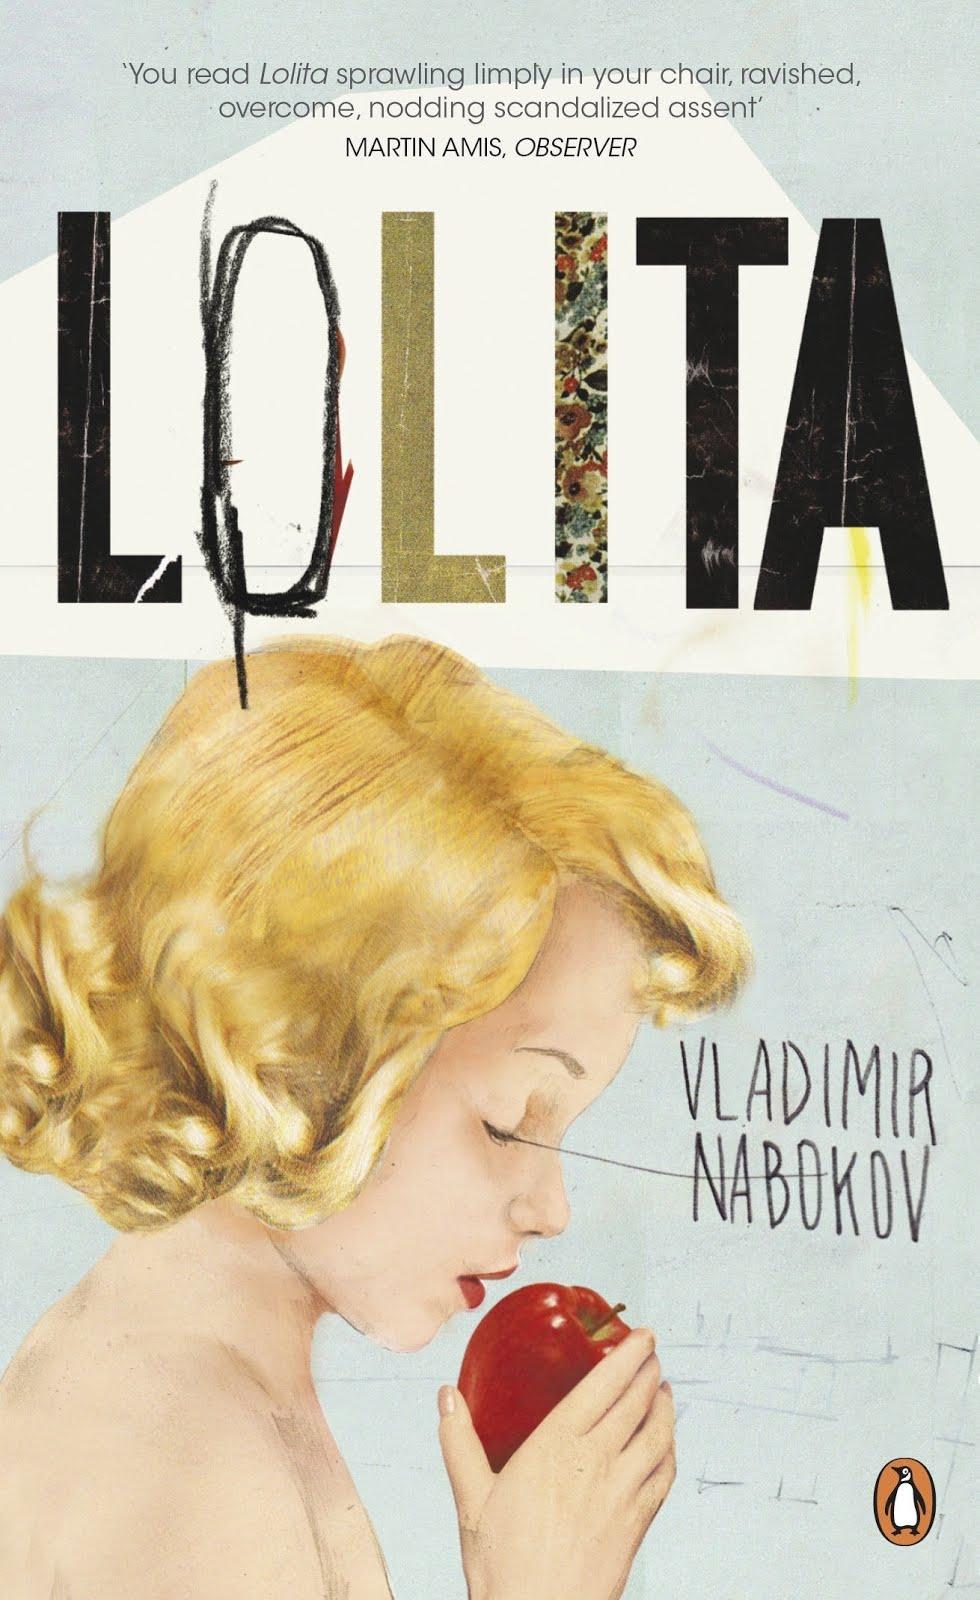 Lolita by Nabokov 2011 Penguin.jpg